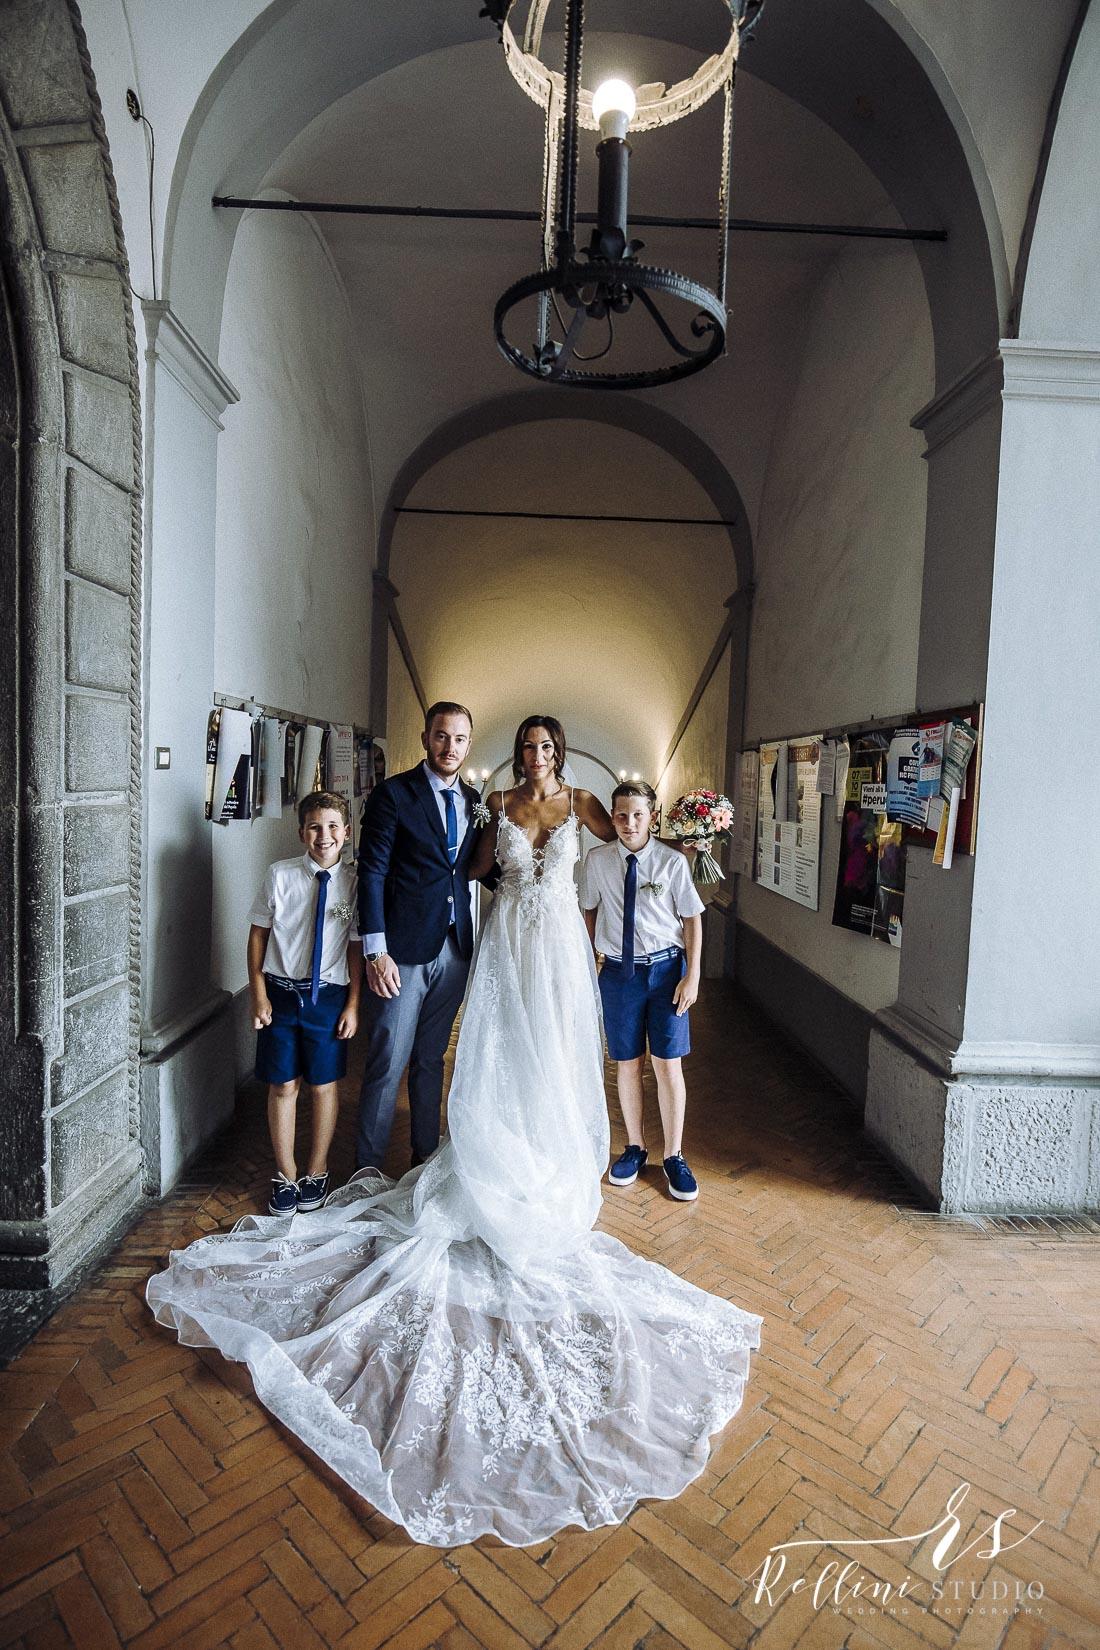 wedding at Palazzone in Orvieto 068.jpg